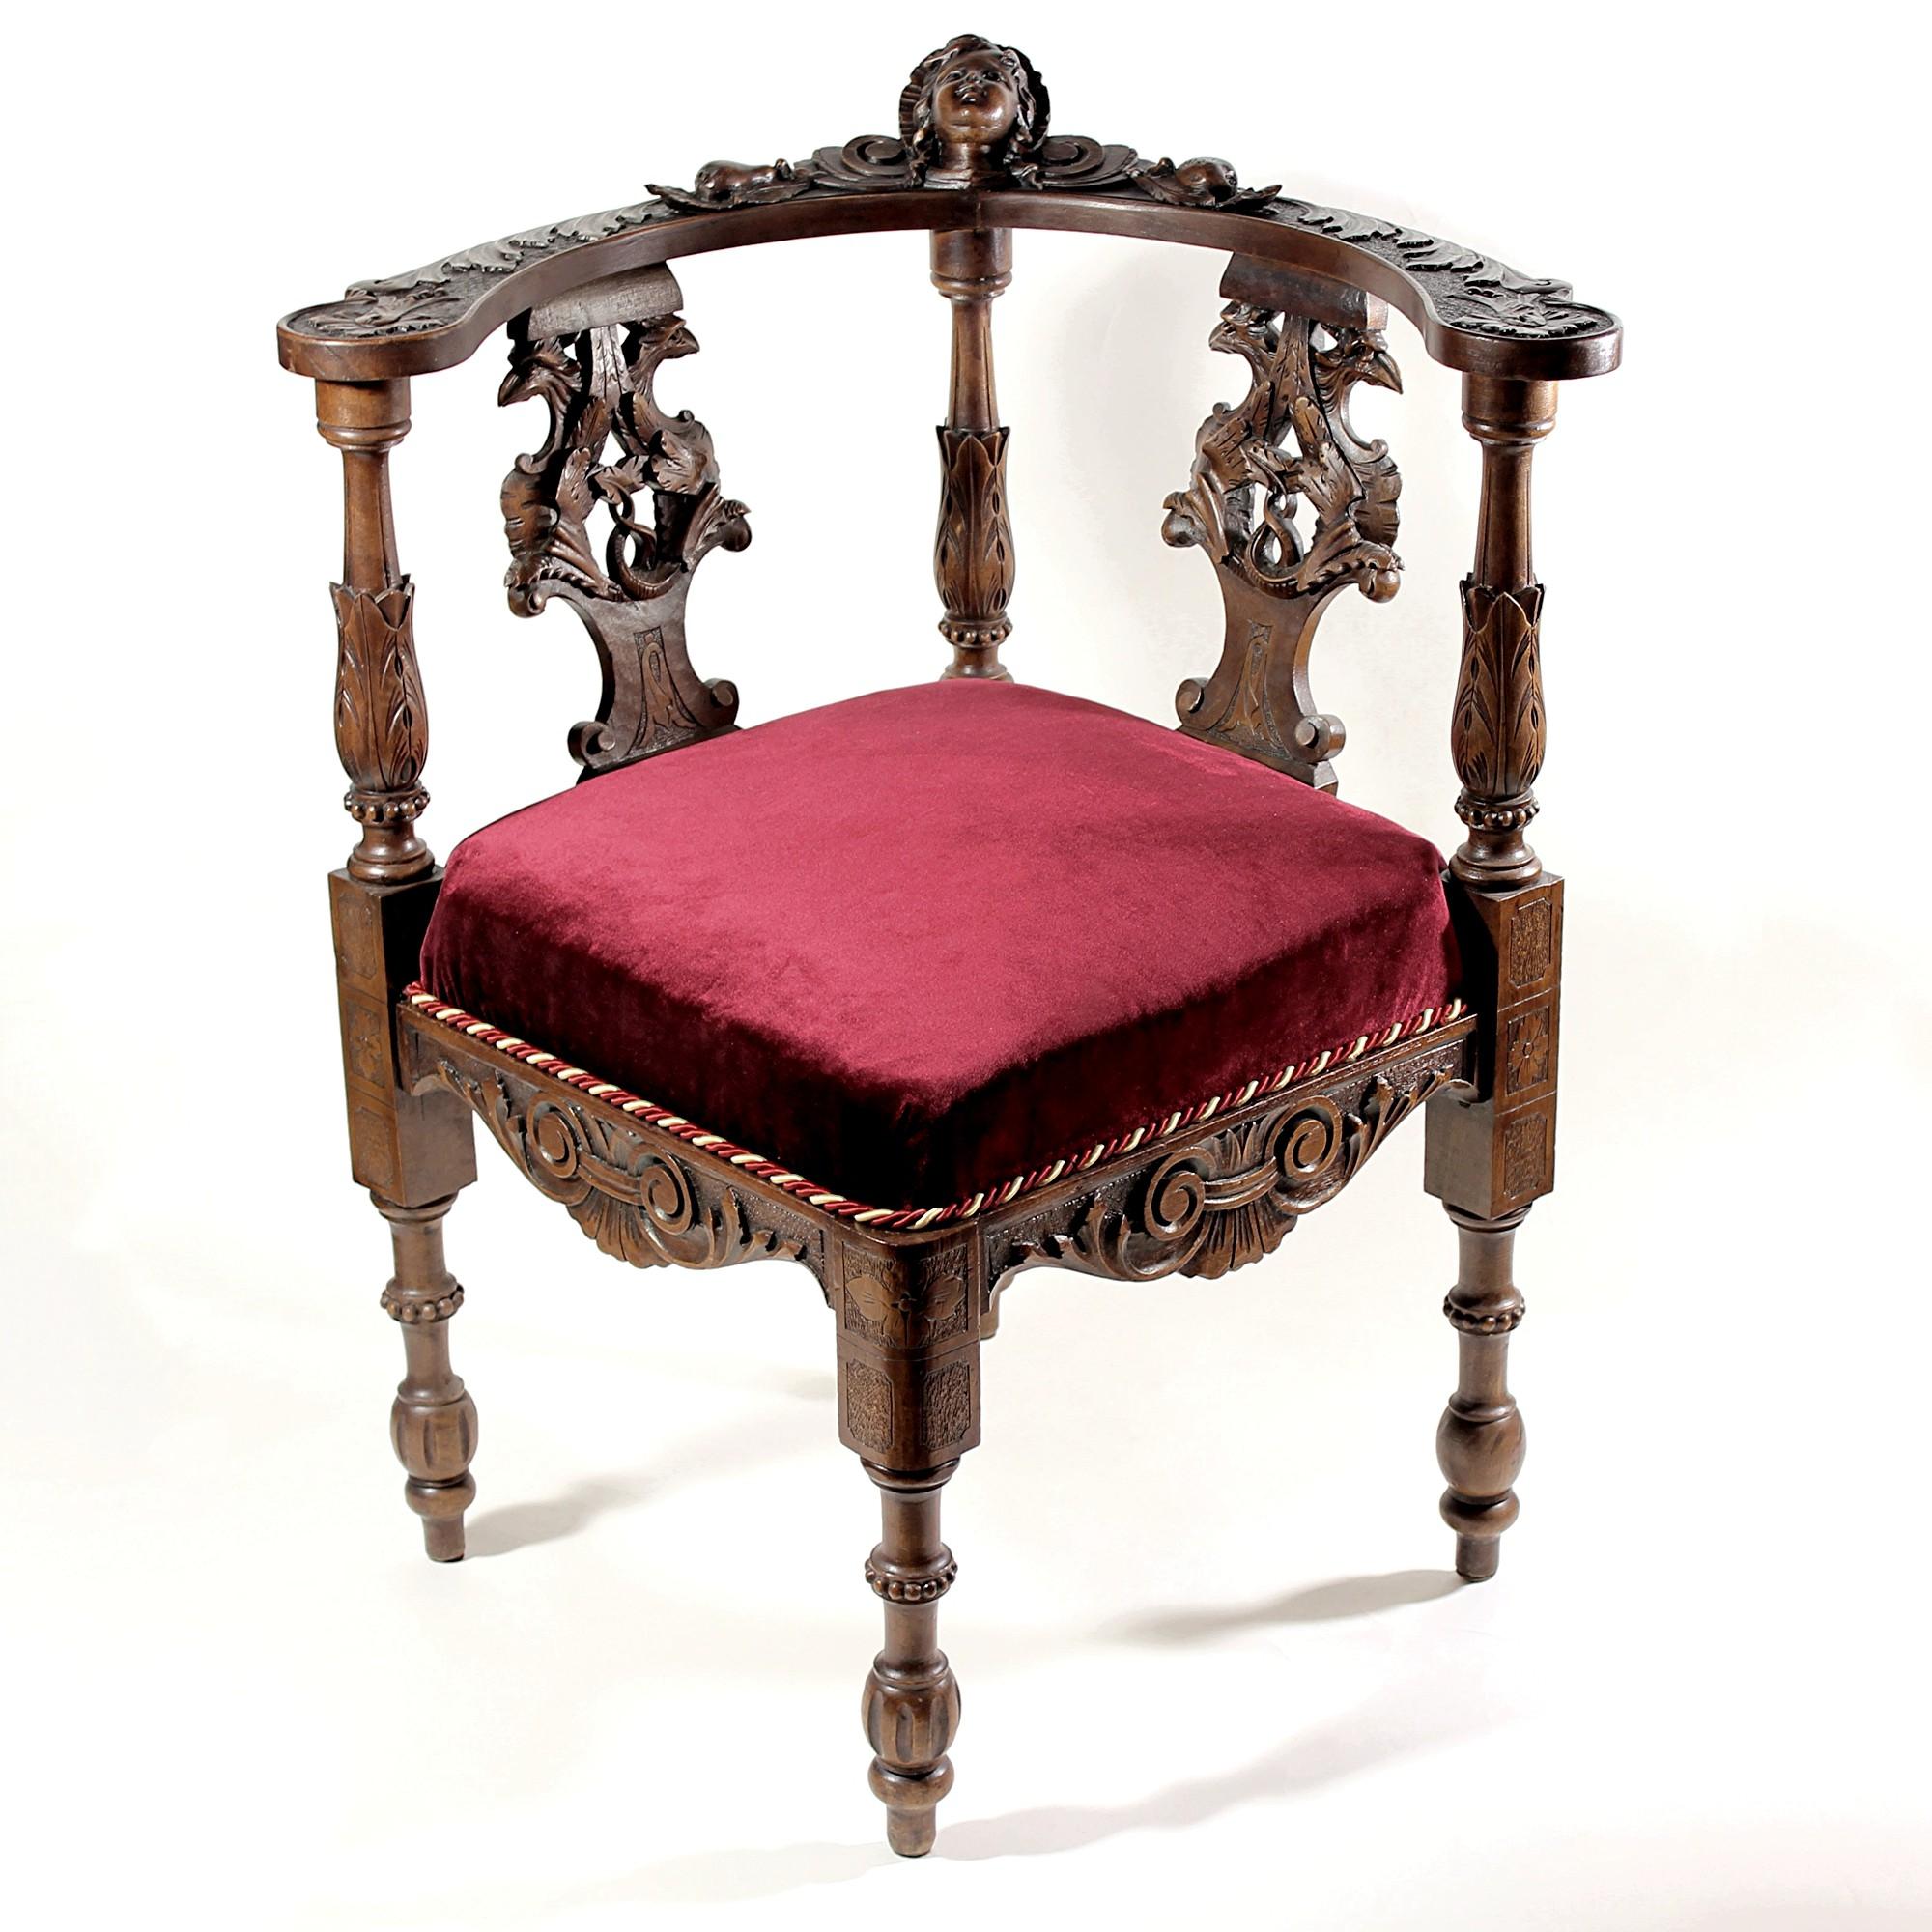 Кресло угловое. Парное. Ренессанс. Франция 19 век.